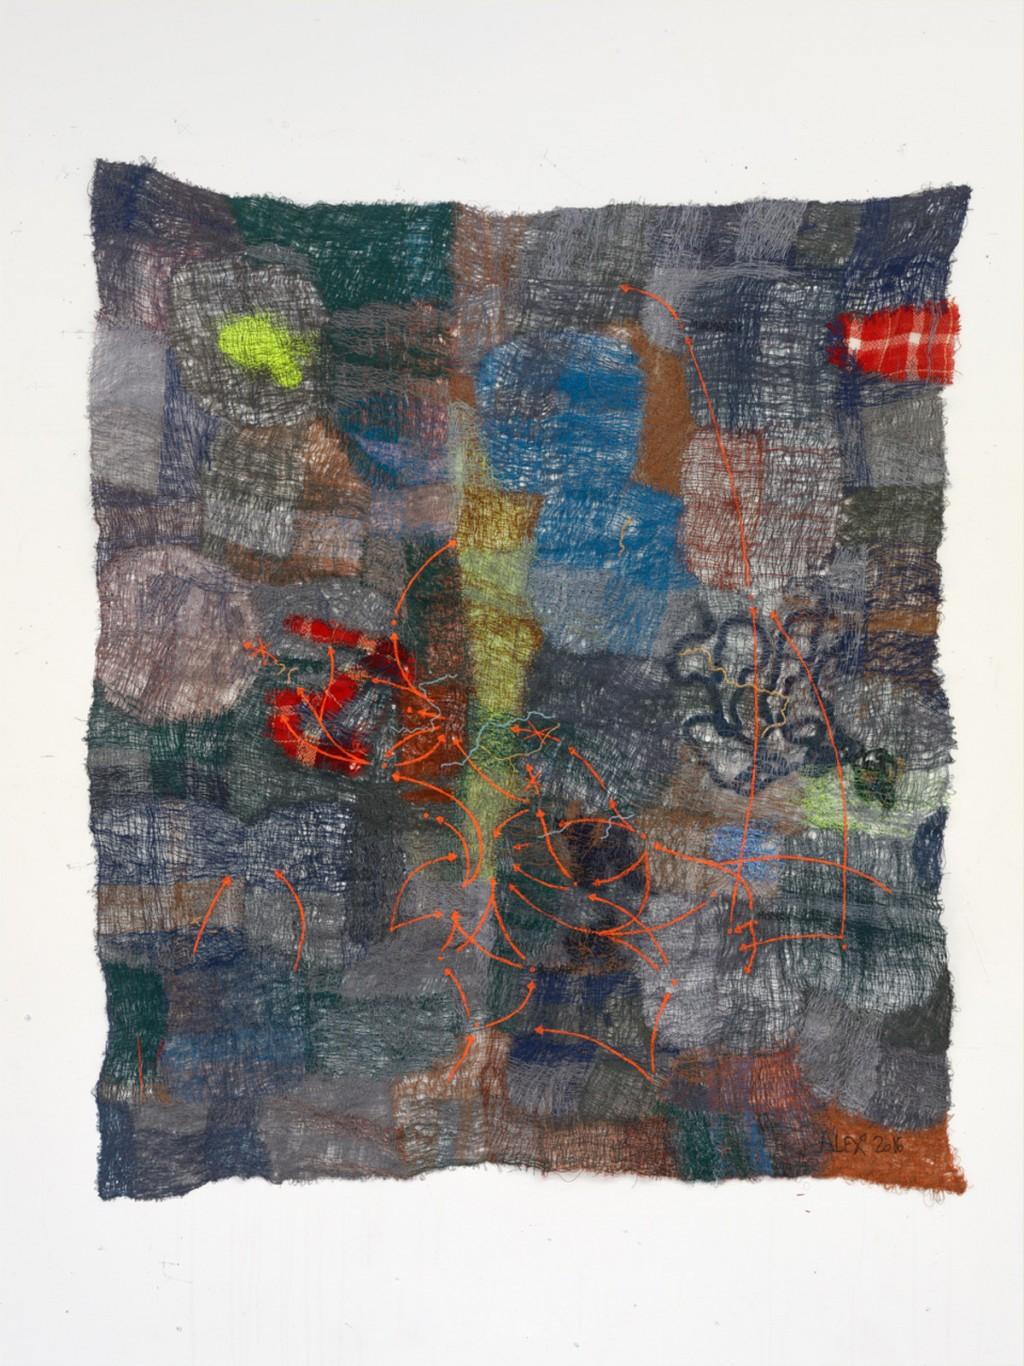 ALEXANDRA BIRCKEN 'Needle', Herald St, London, 2016